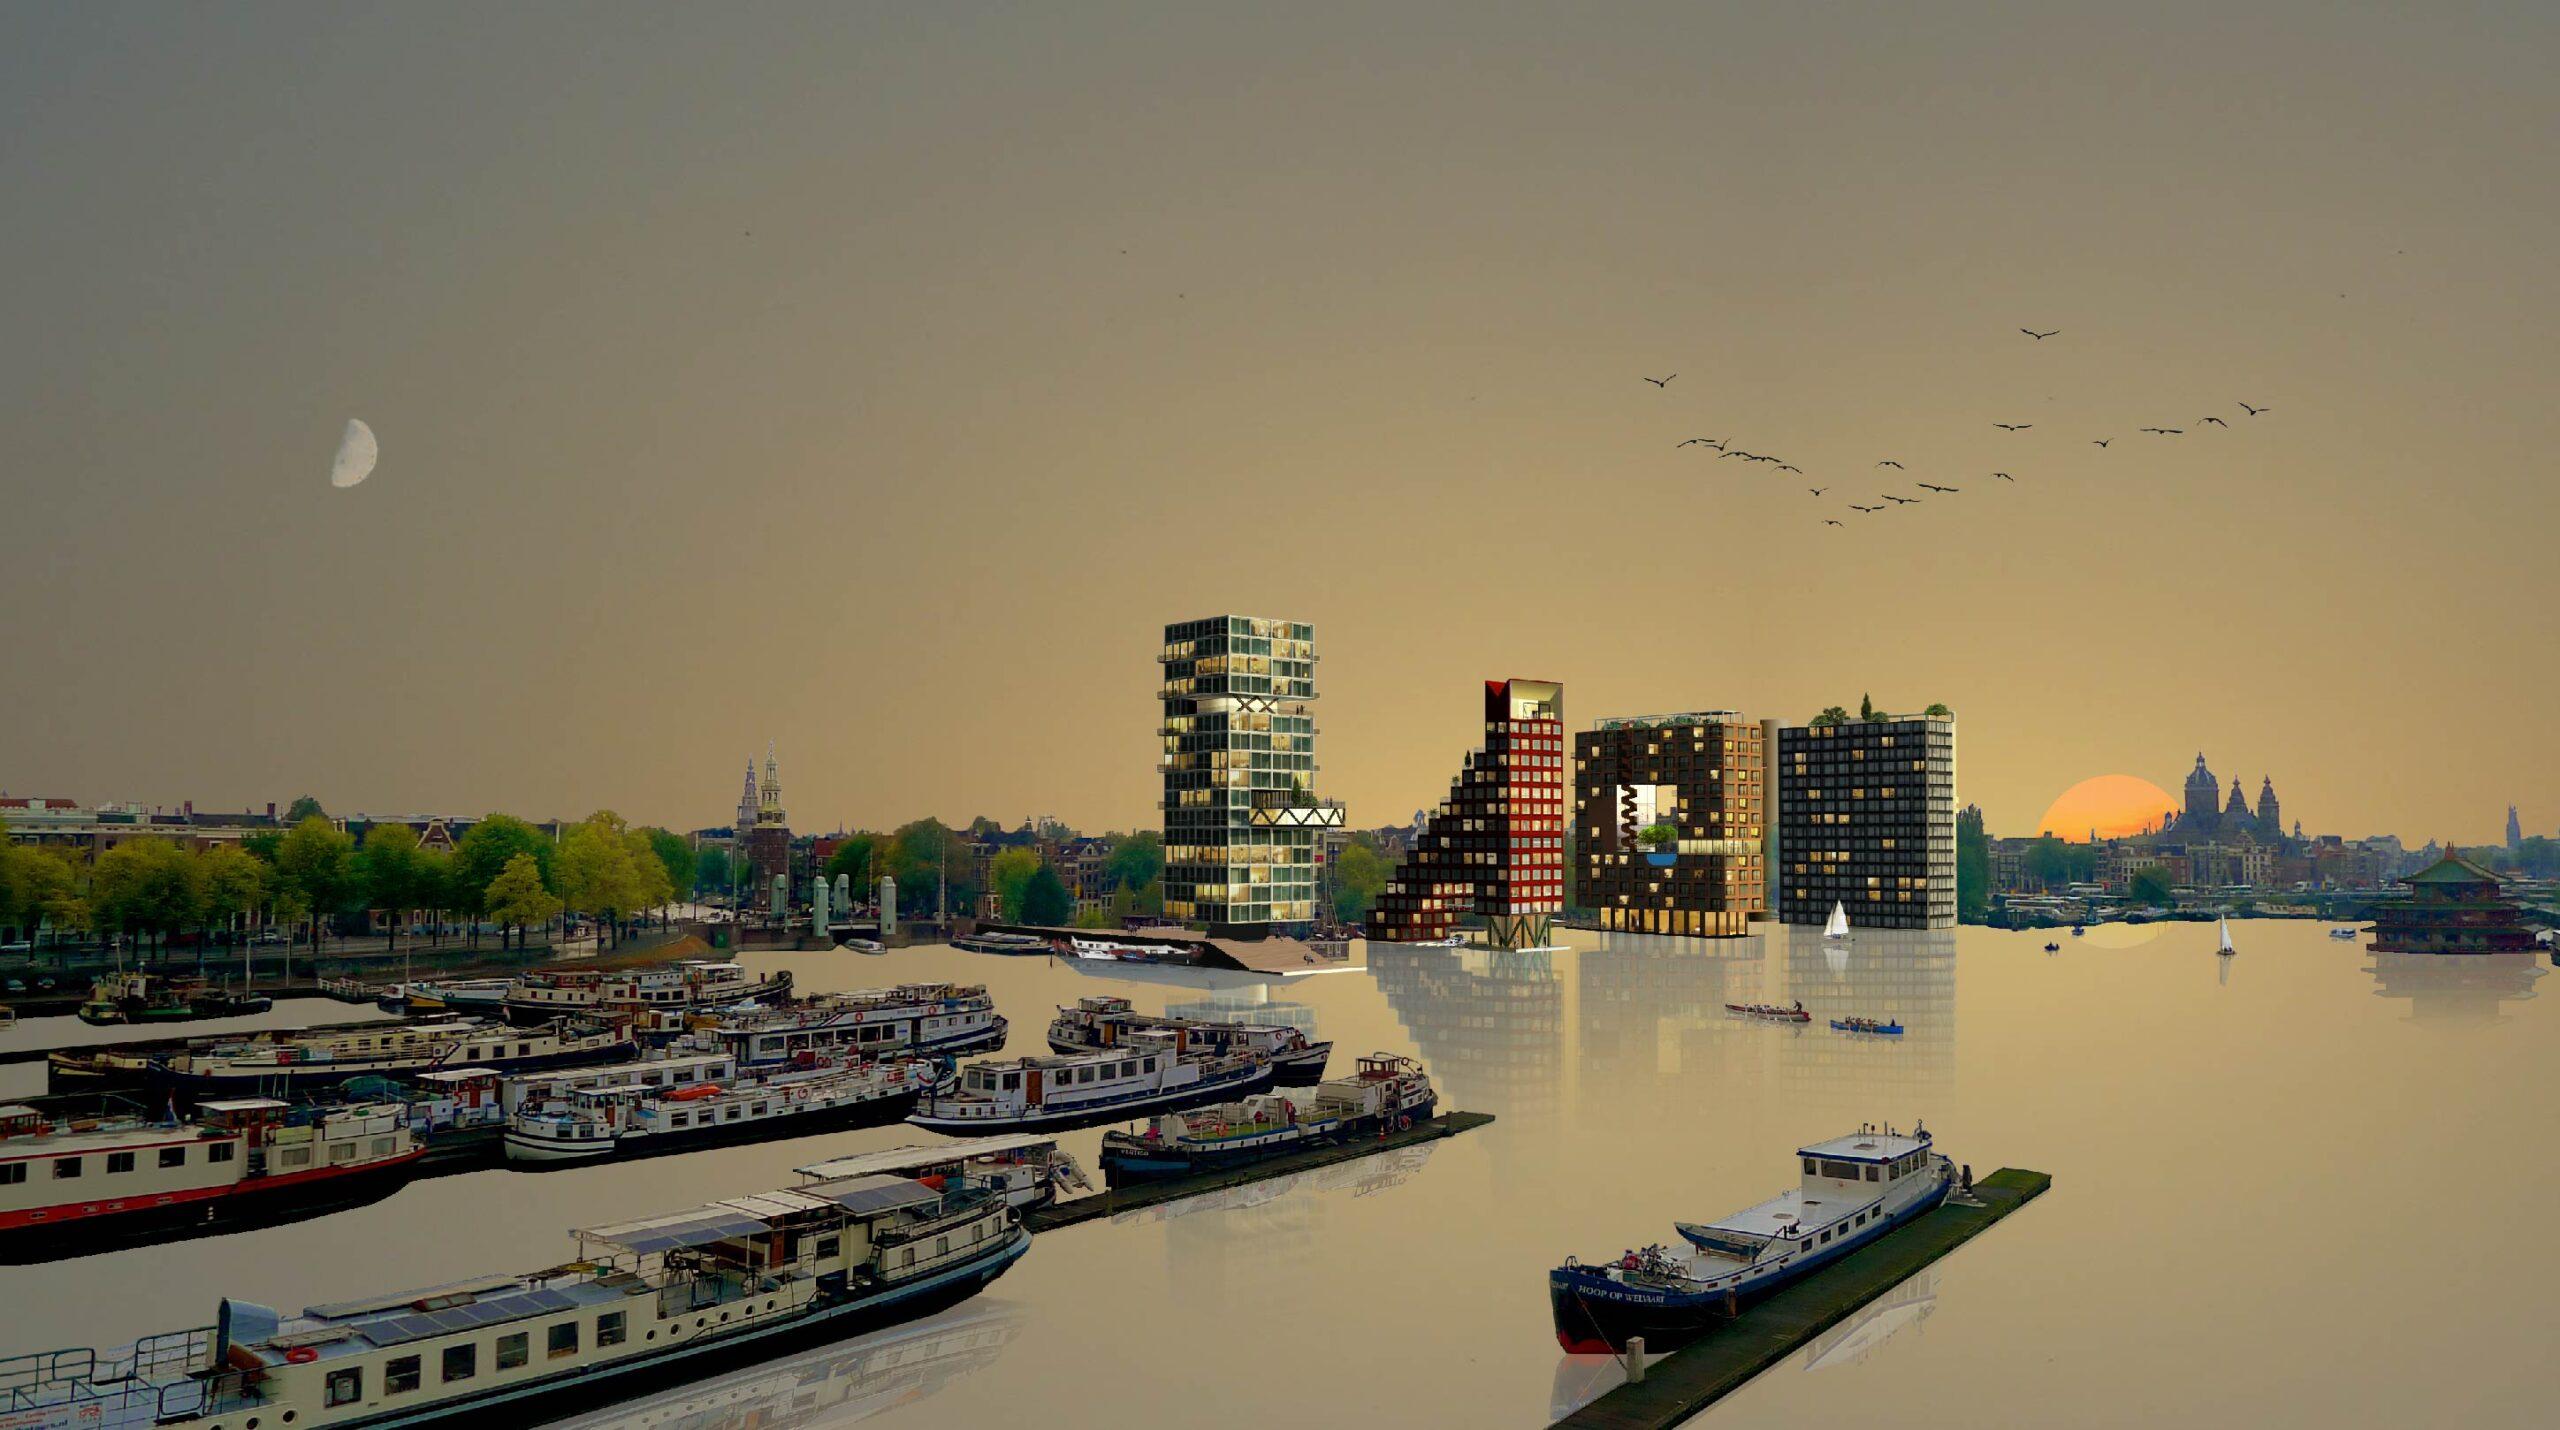 SYNCHROON Circulair-Een-Nieuwe-Stedelijke-Ecologie-XS-Deluxe-Houthavens-Amsterdam